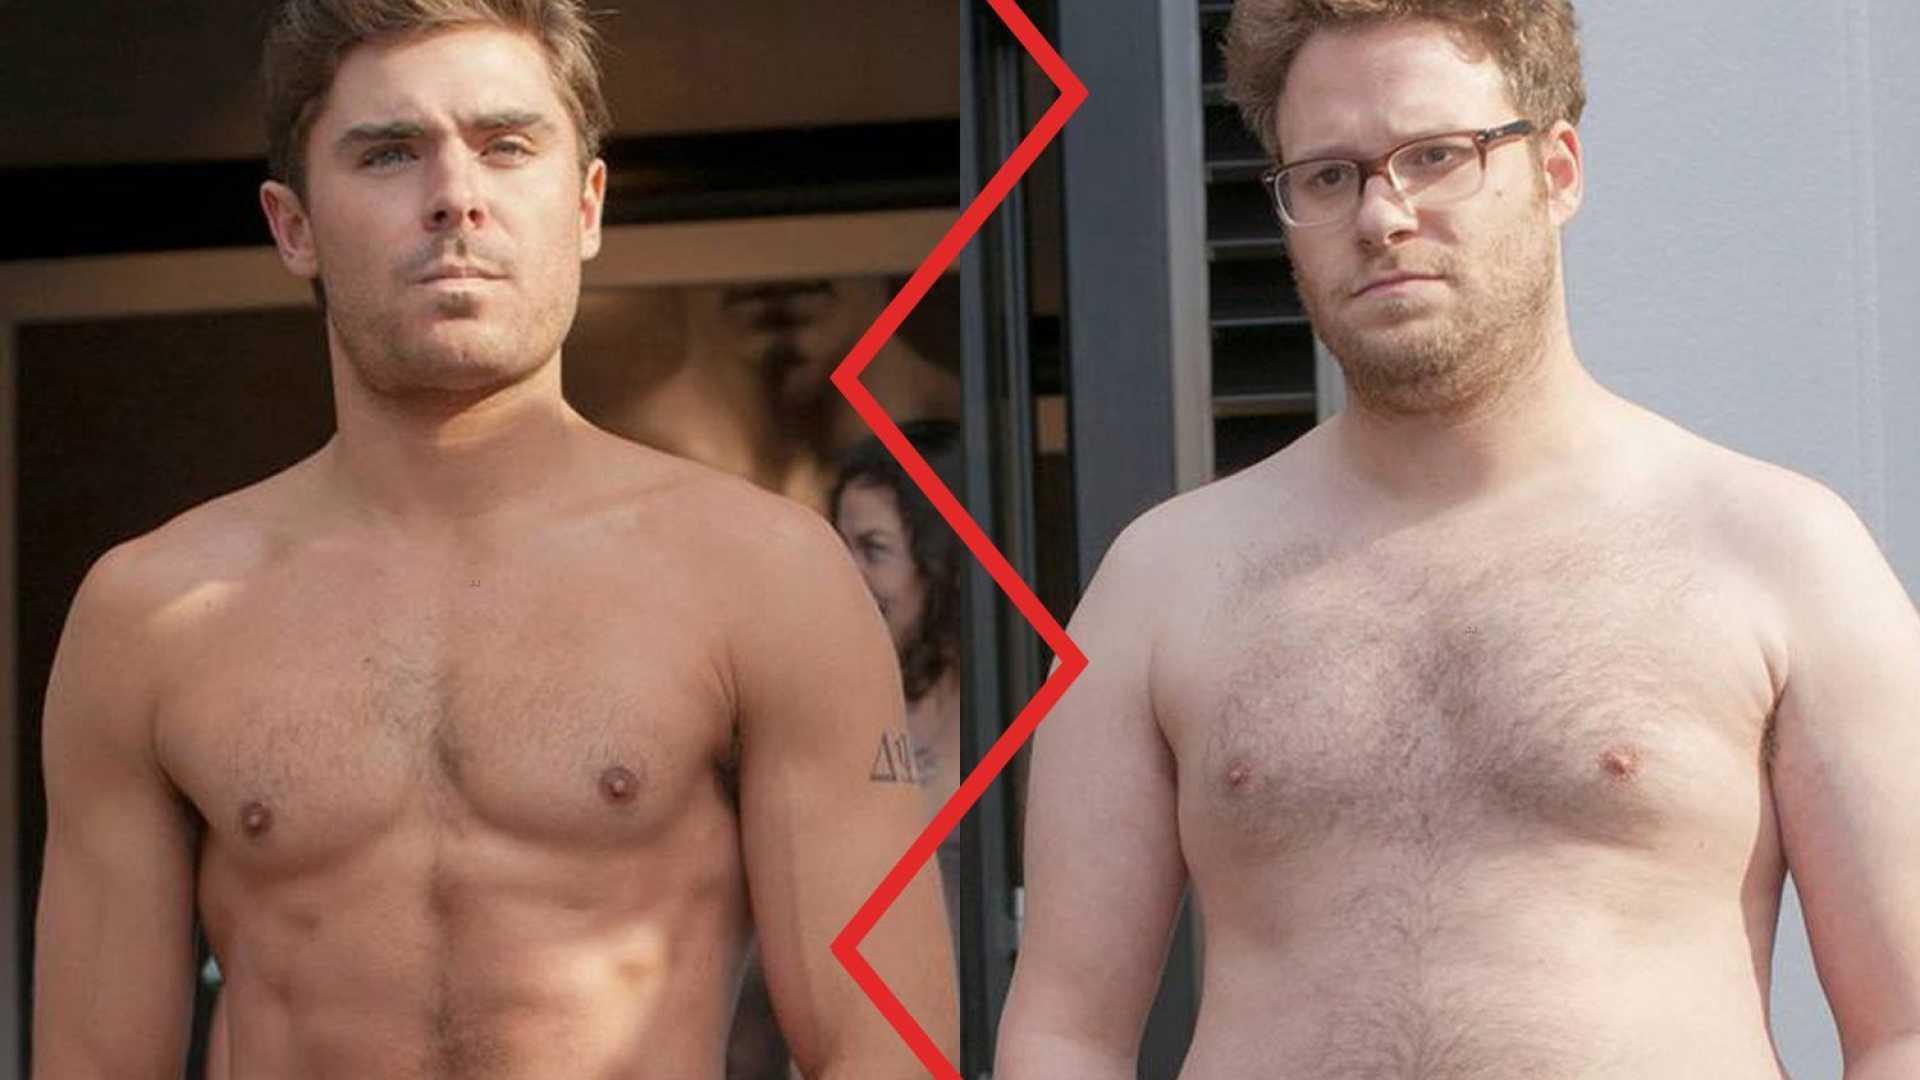 Kell-e zsírégető minden testtípusnak? <br>Kigyúrt test és az aputest-női szemmel mindkettő vonzó jelenség